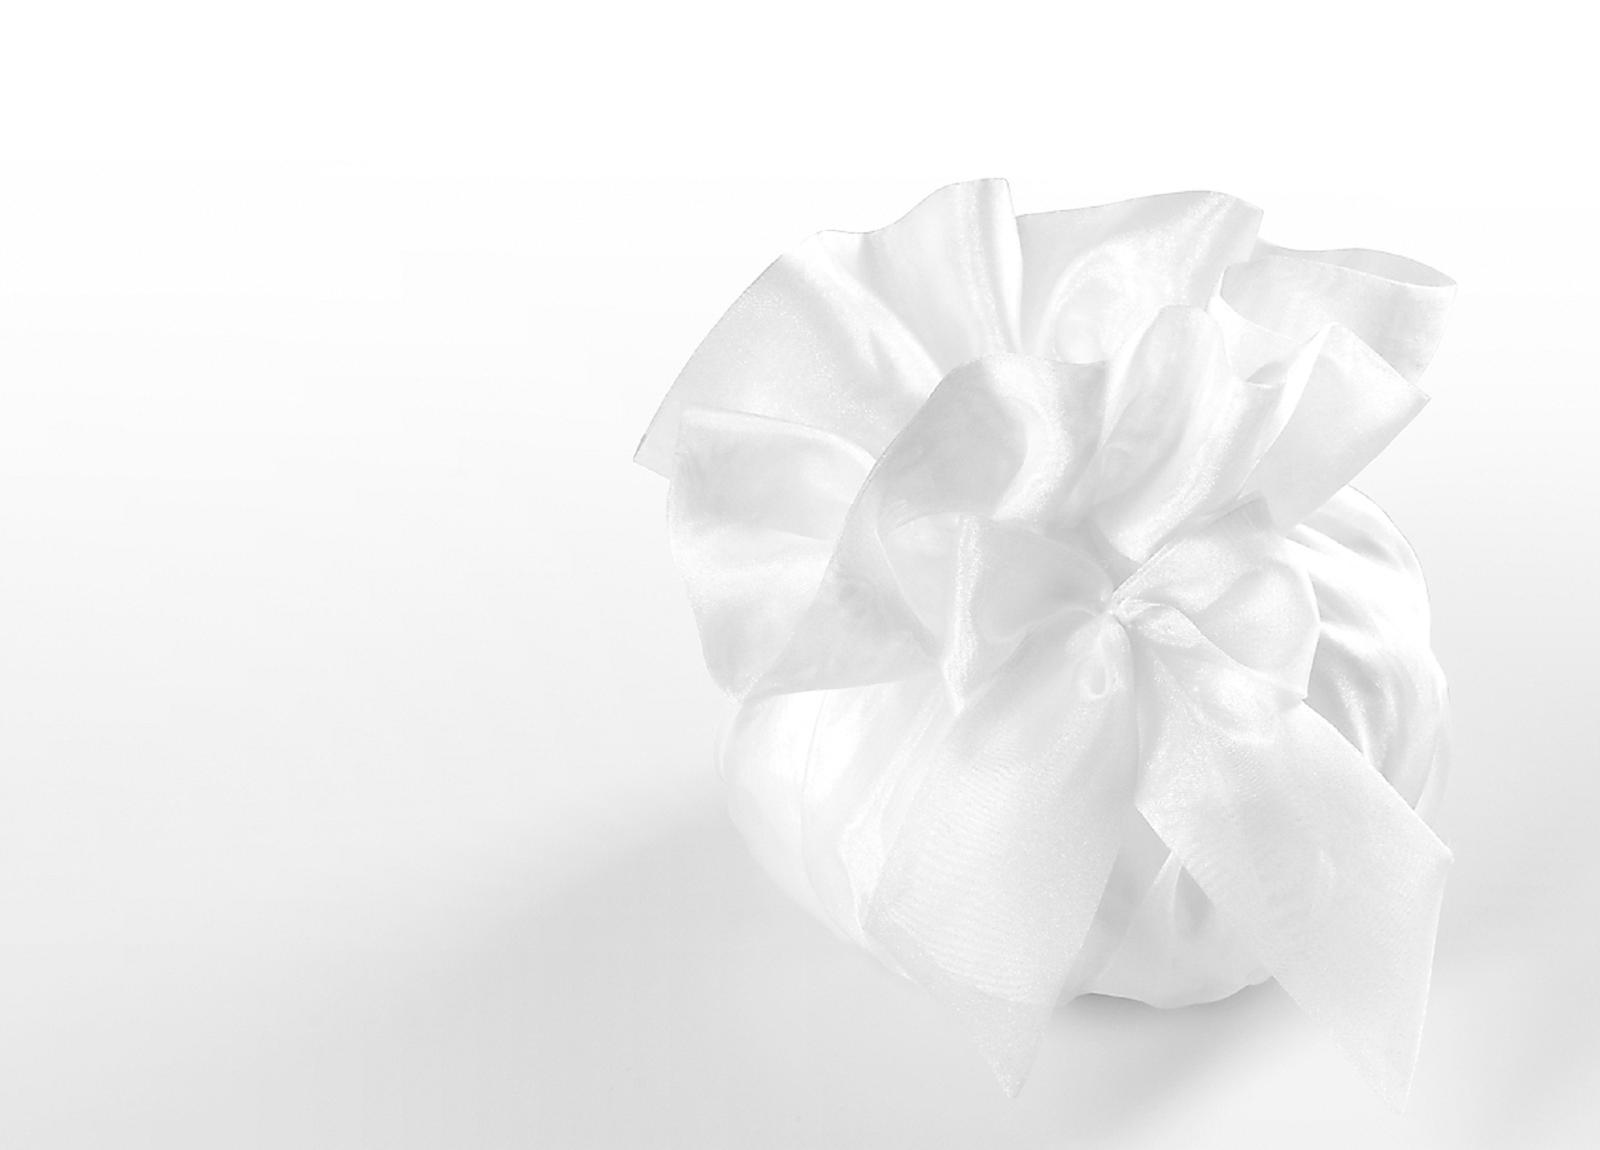 Svadobná kabelka - Obrázok č. 2